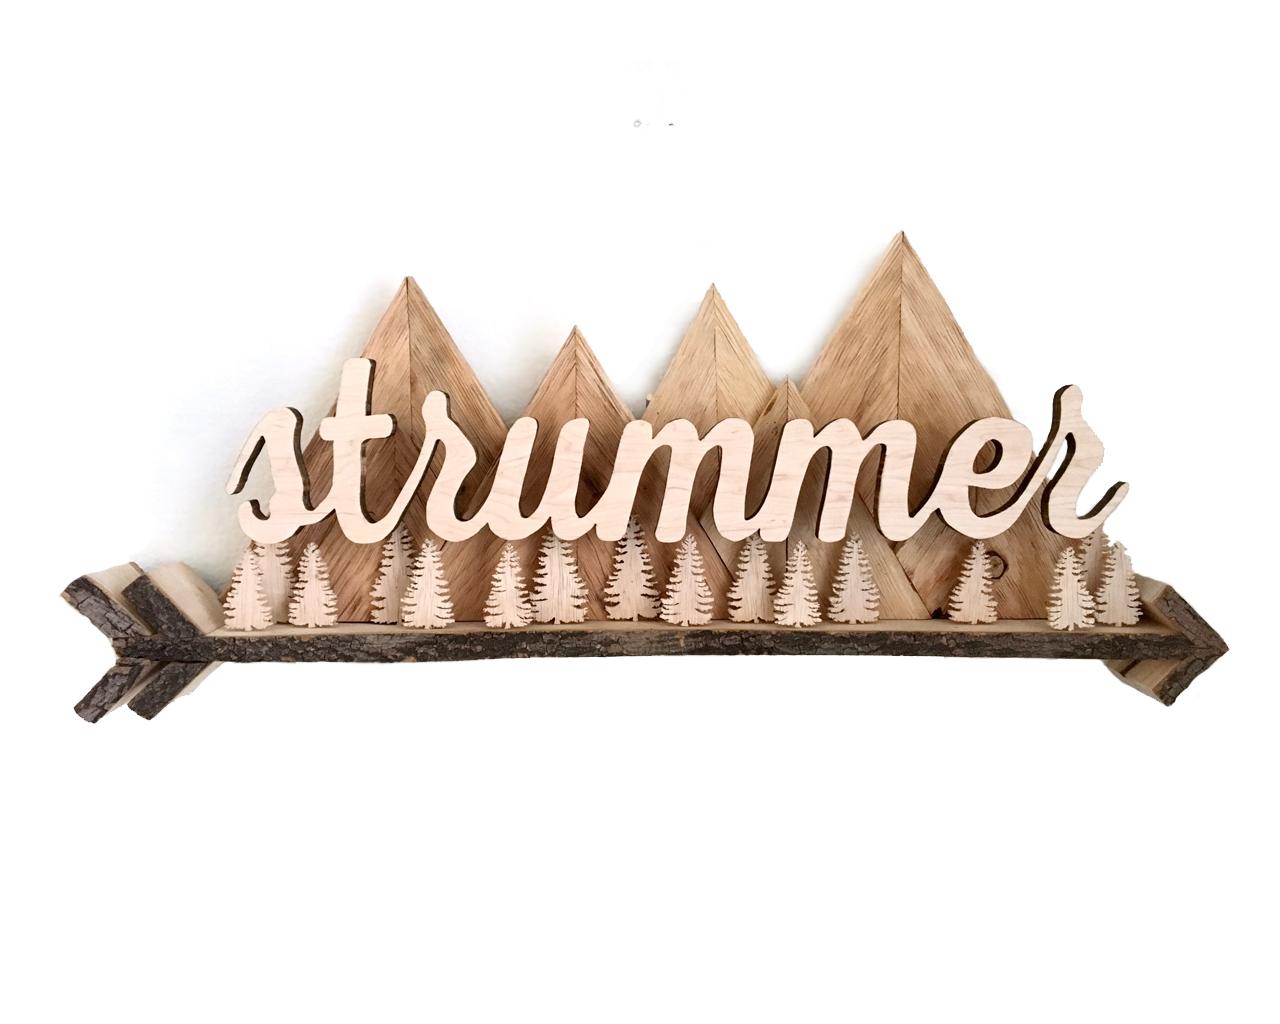 Strummer 1.jpg